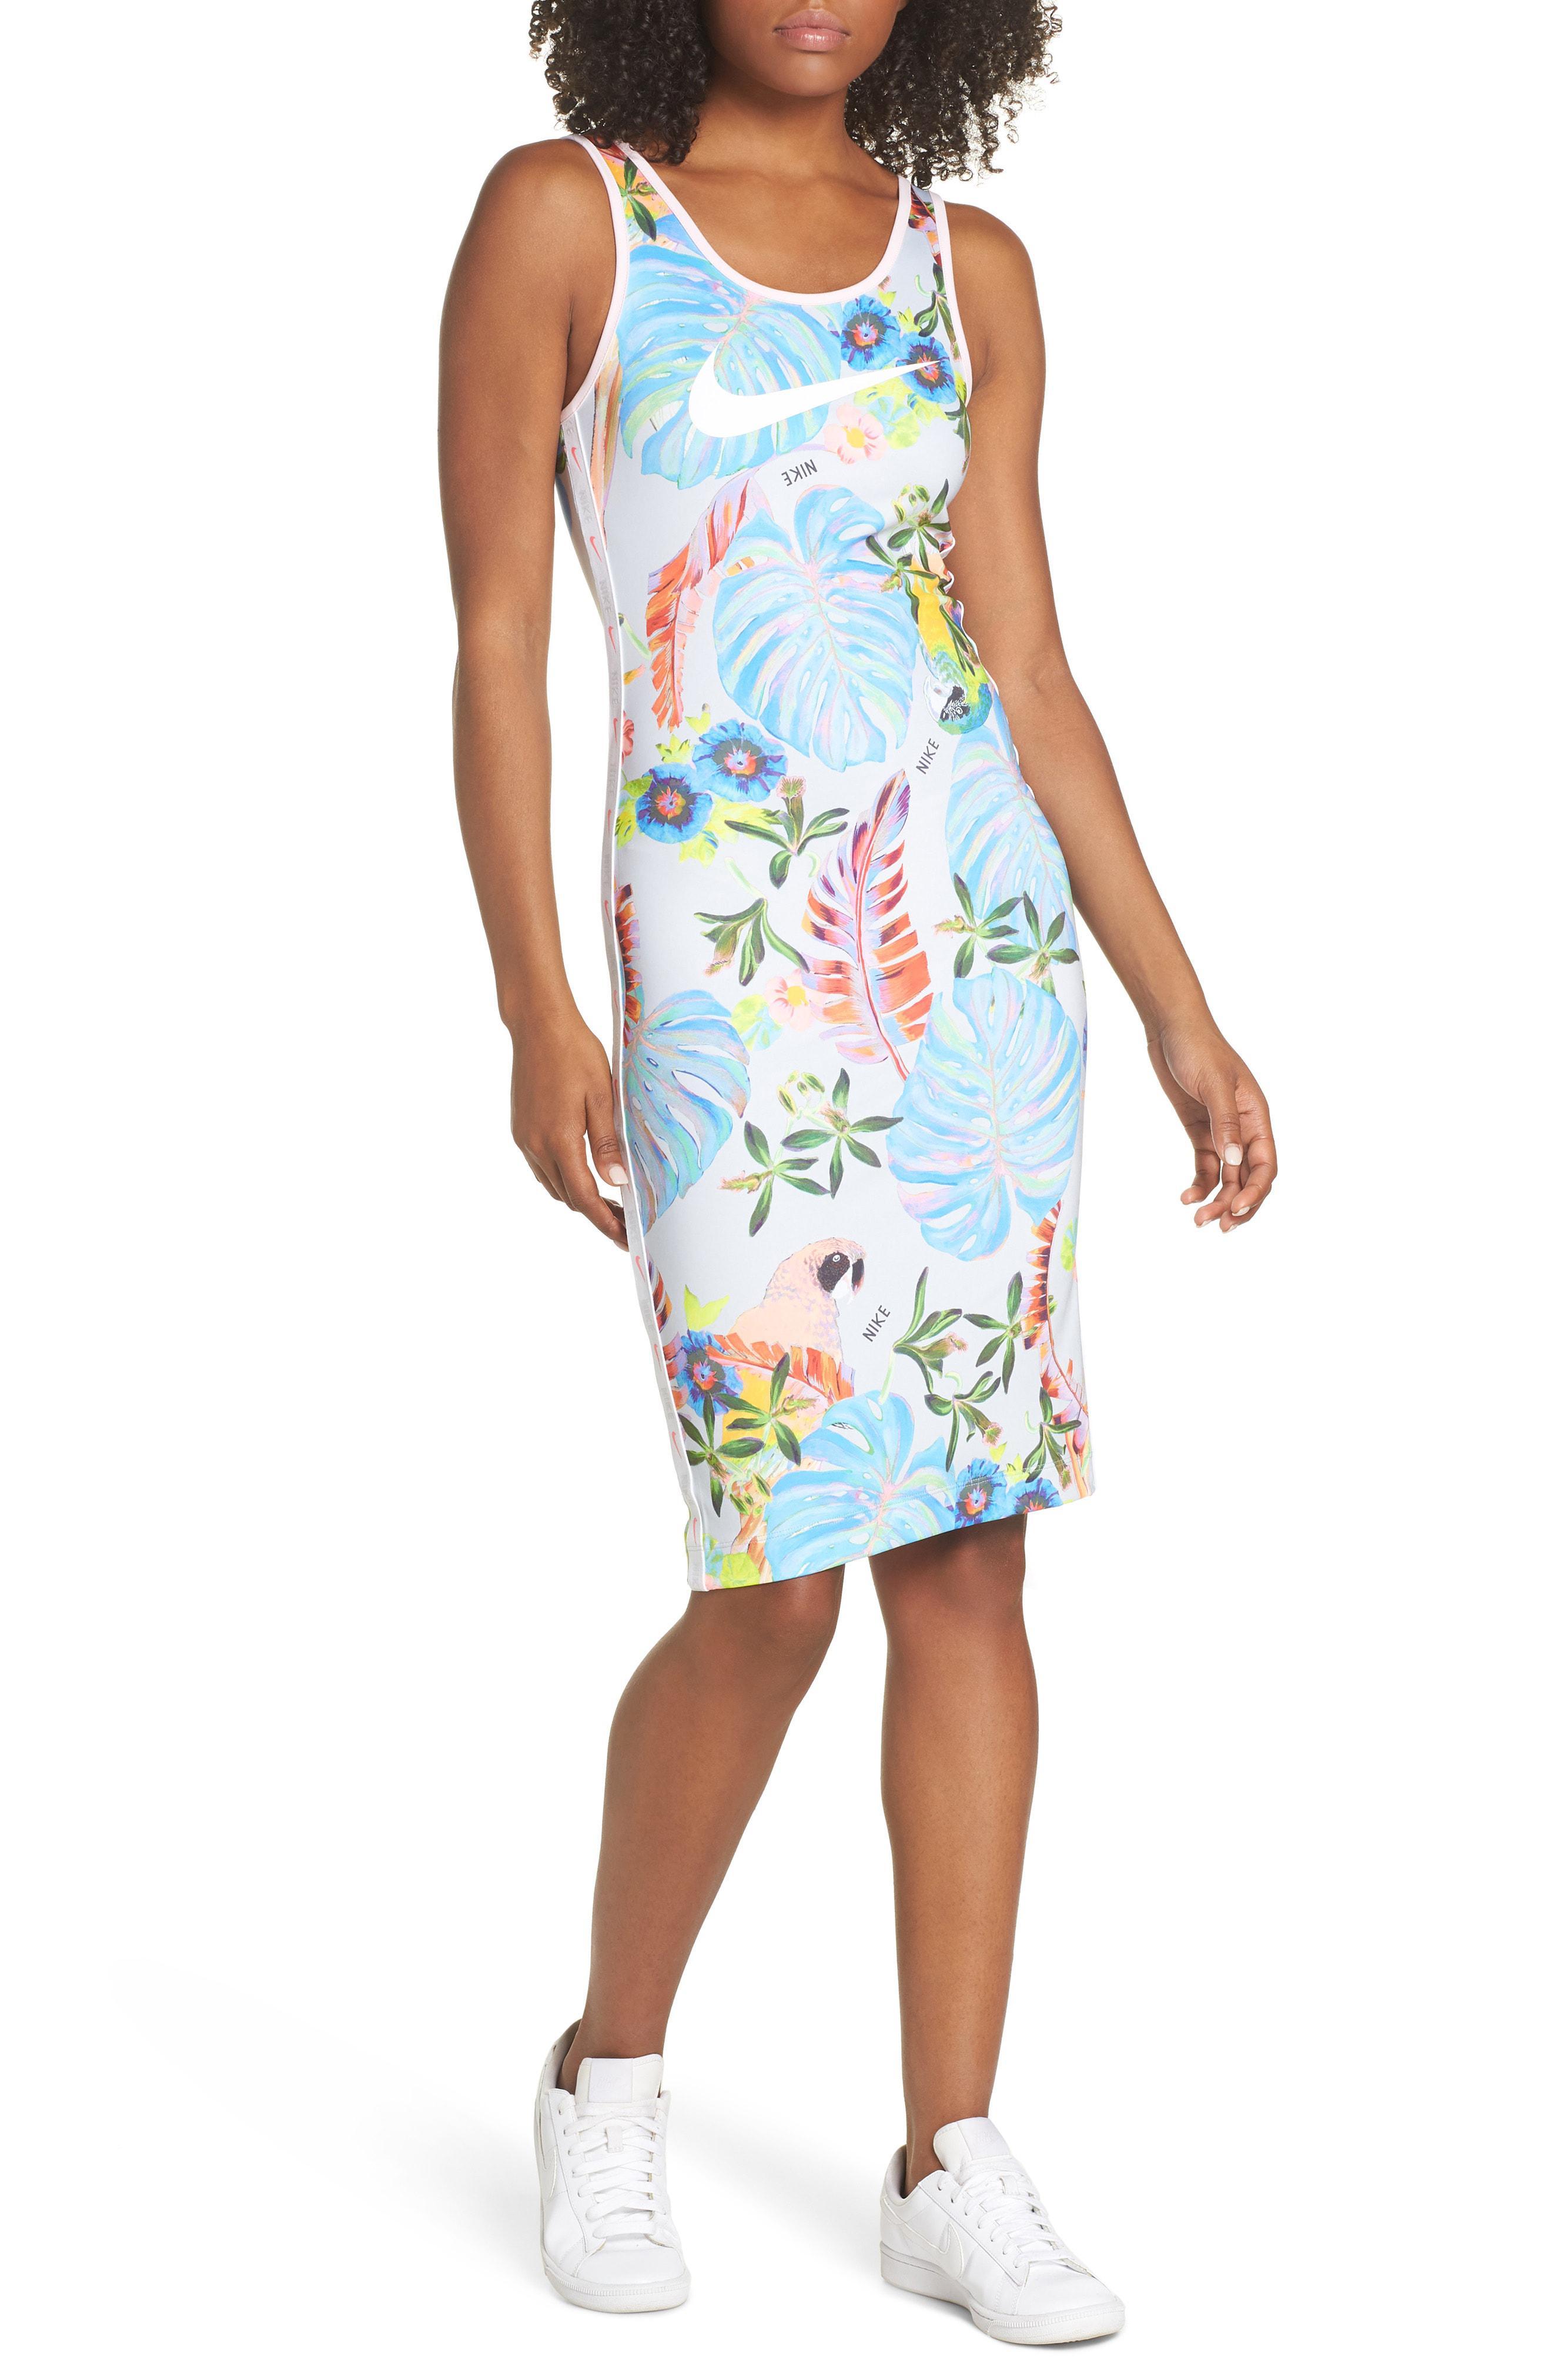 09298fc99bb Nike Sportswear Hyper Print Dress in Blue - Lyst